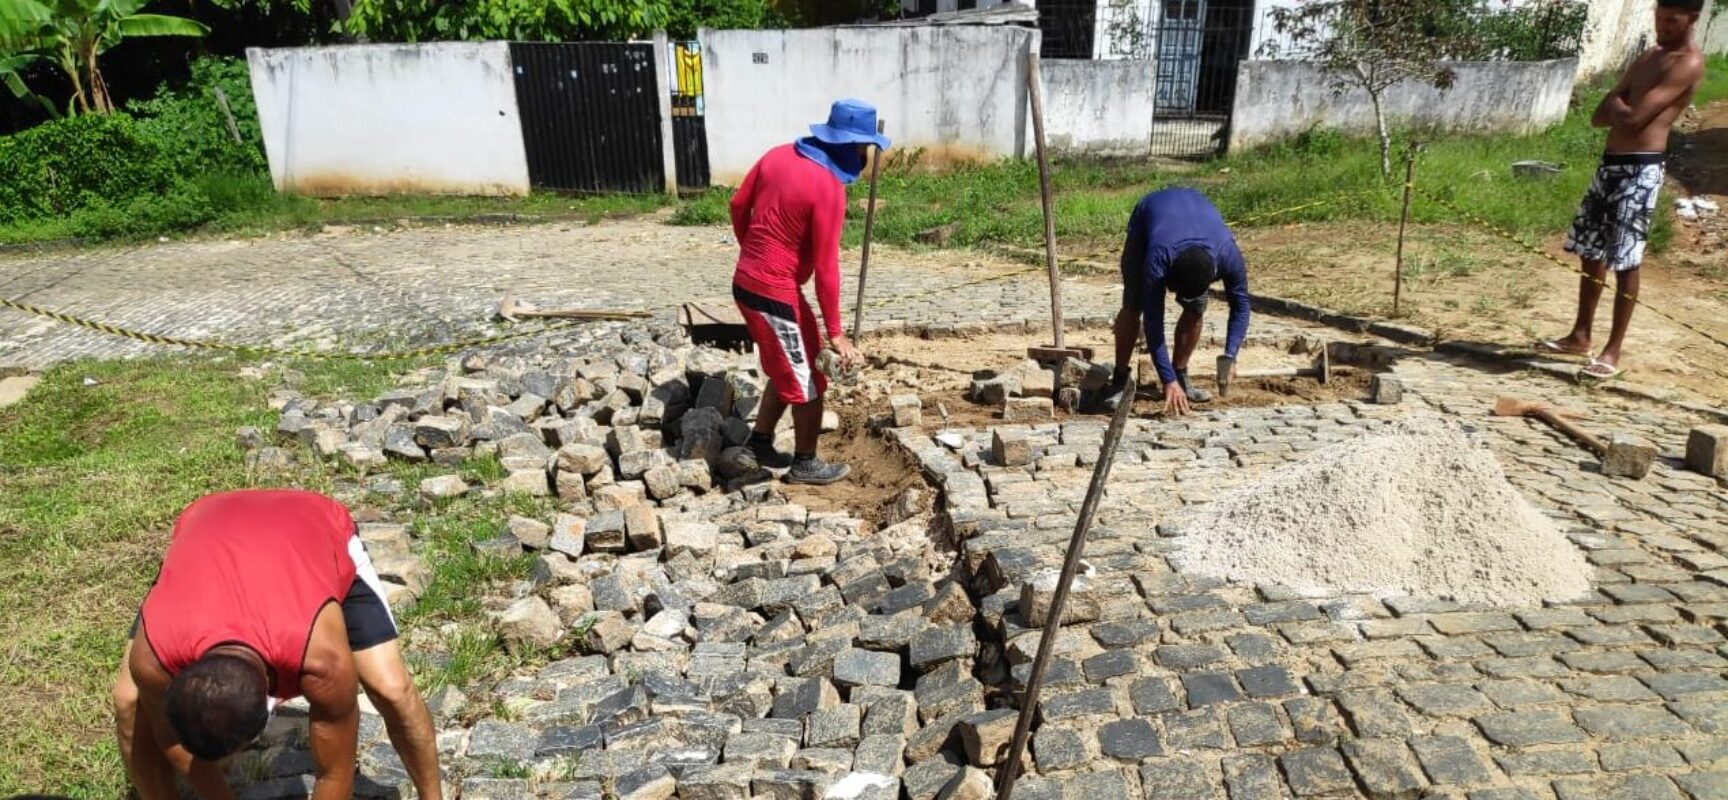 Vereador Edvaldo Gomes trabalhando em favor da comunidade